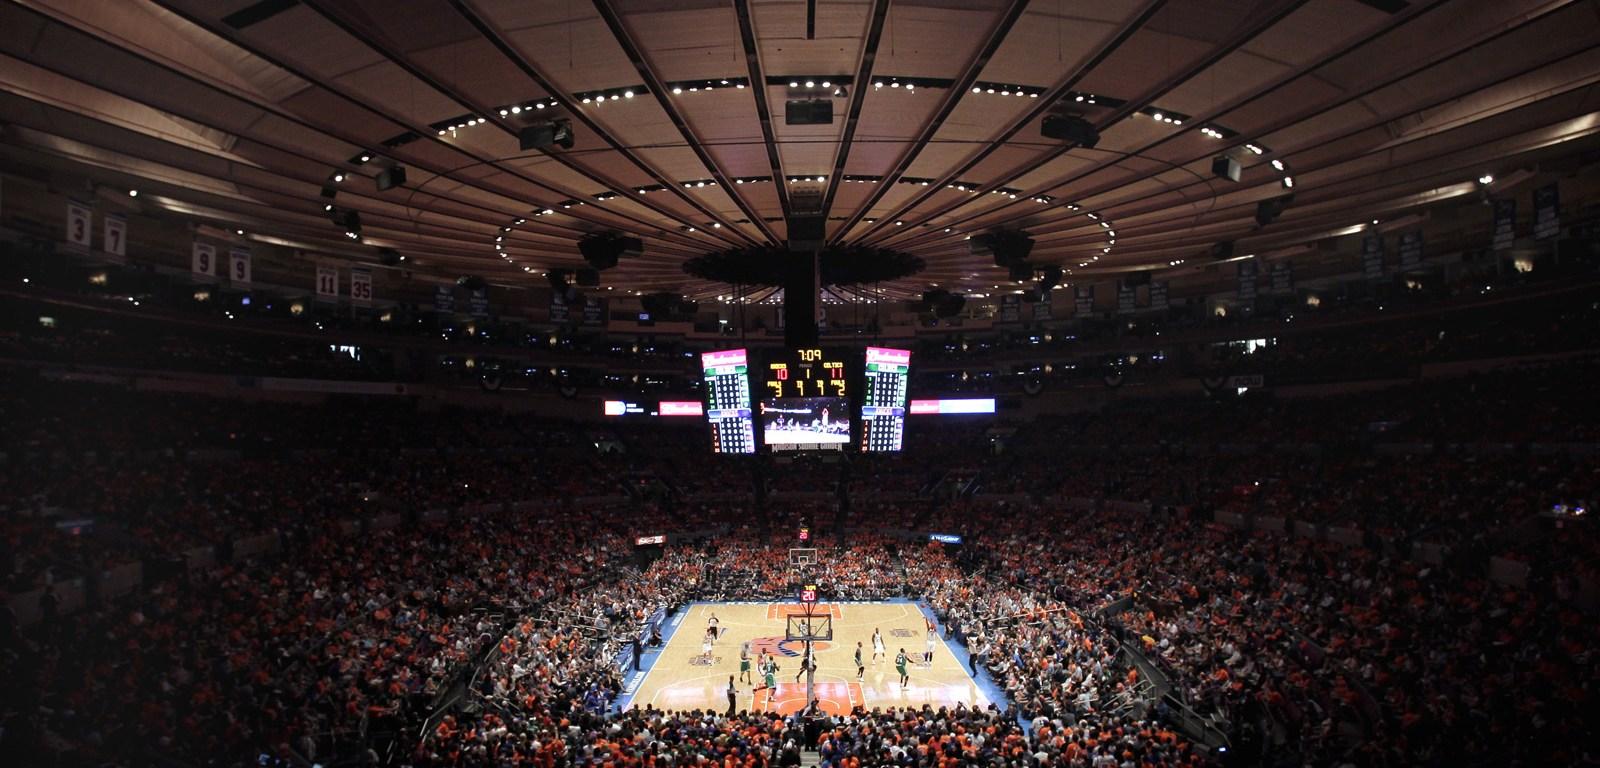 NBA Basketball preseason in NY